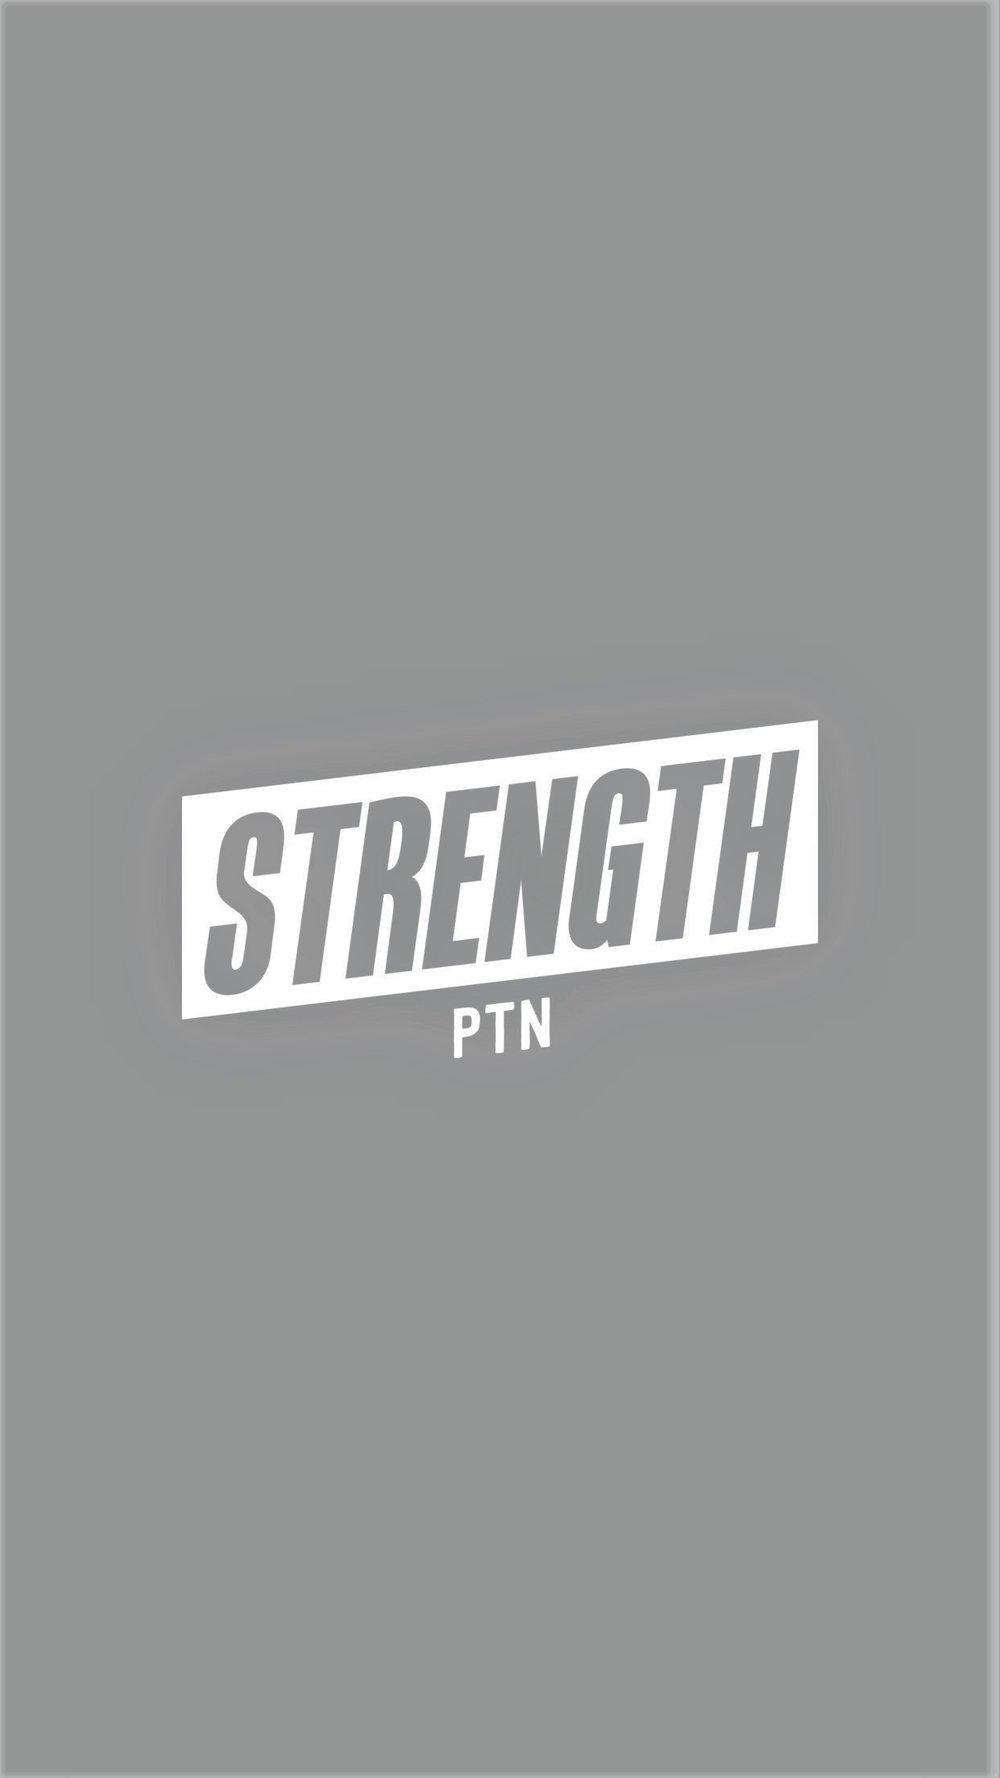 logo_size_invertgrerrr.jpg